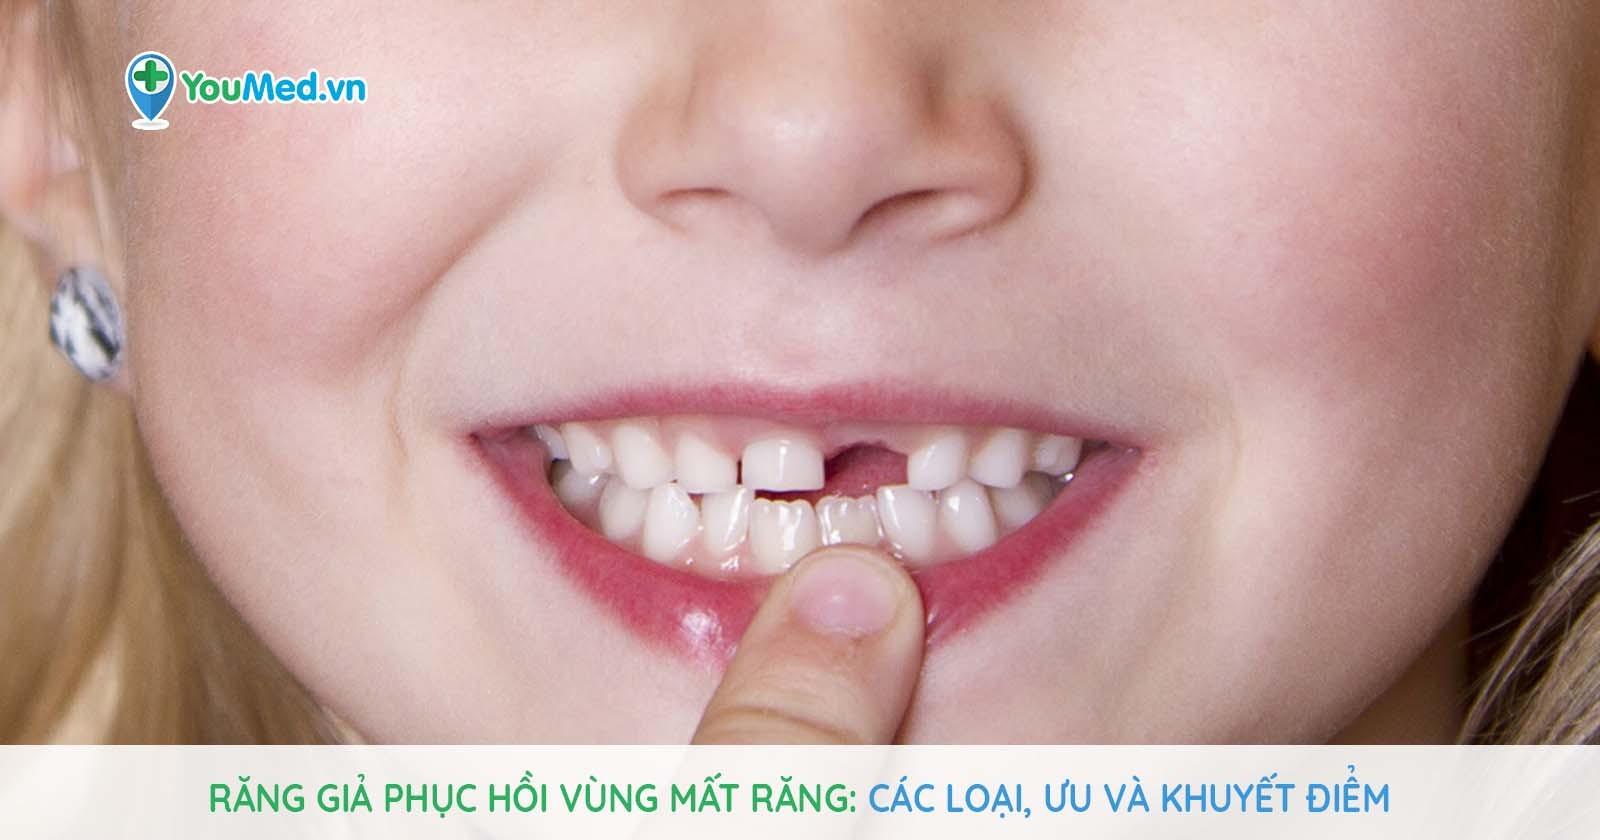 Răng giả phục hồi vùng mất răng - Các loại, ưu và khuyết điểm